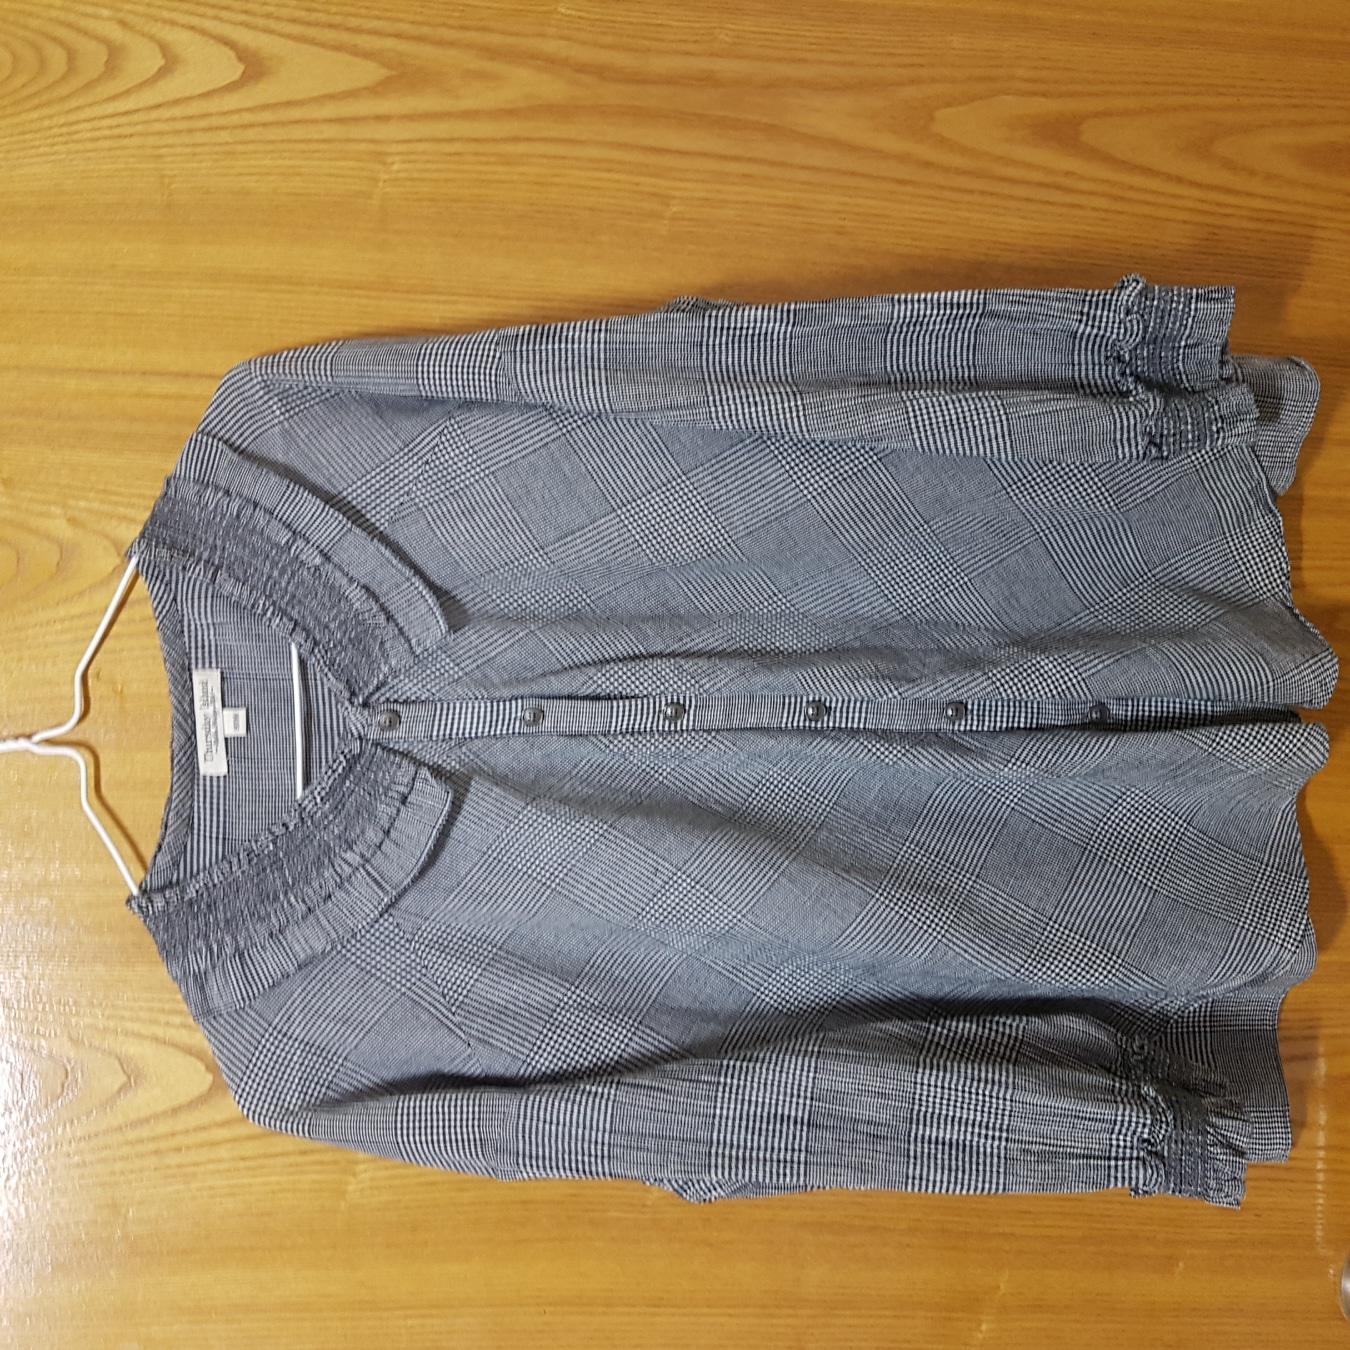 써스데이아일랜드   셔츠   몆번   입지  않아   상태  좋아요.